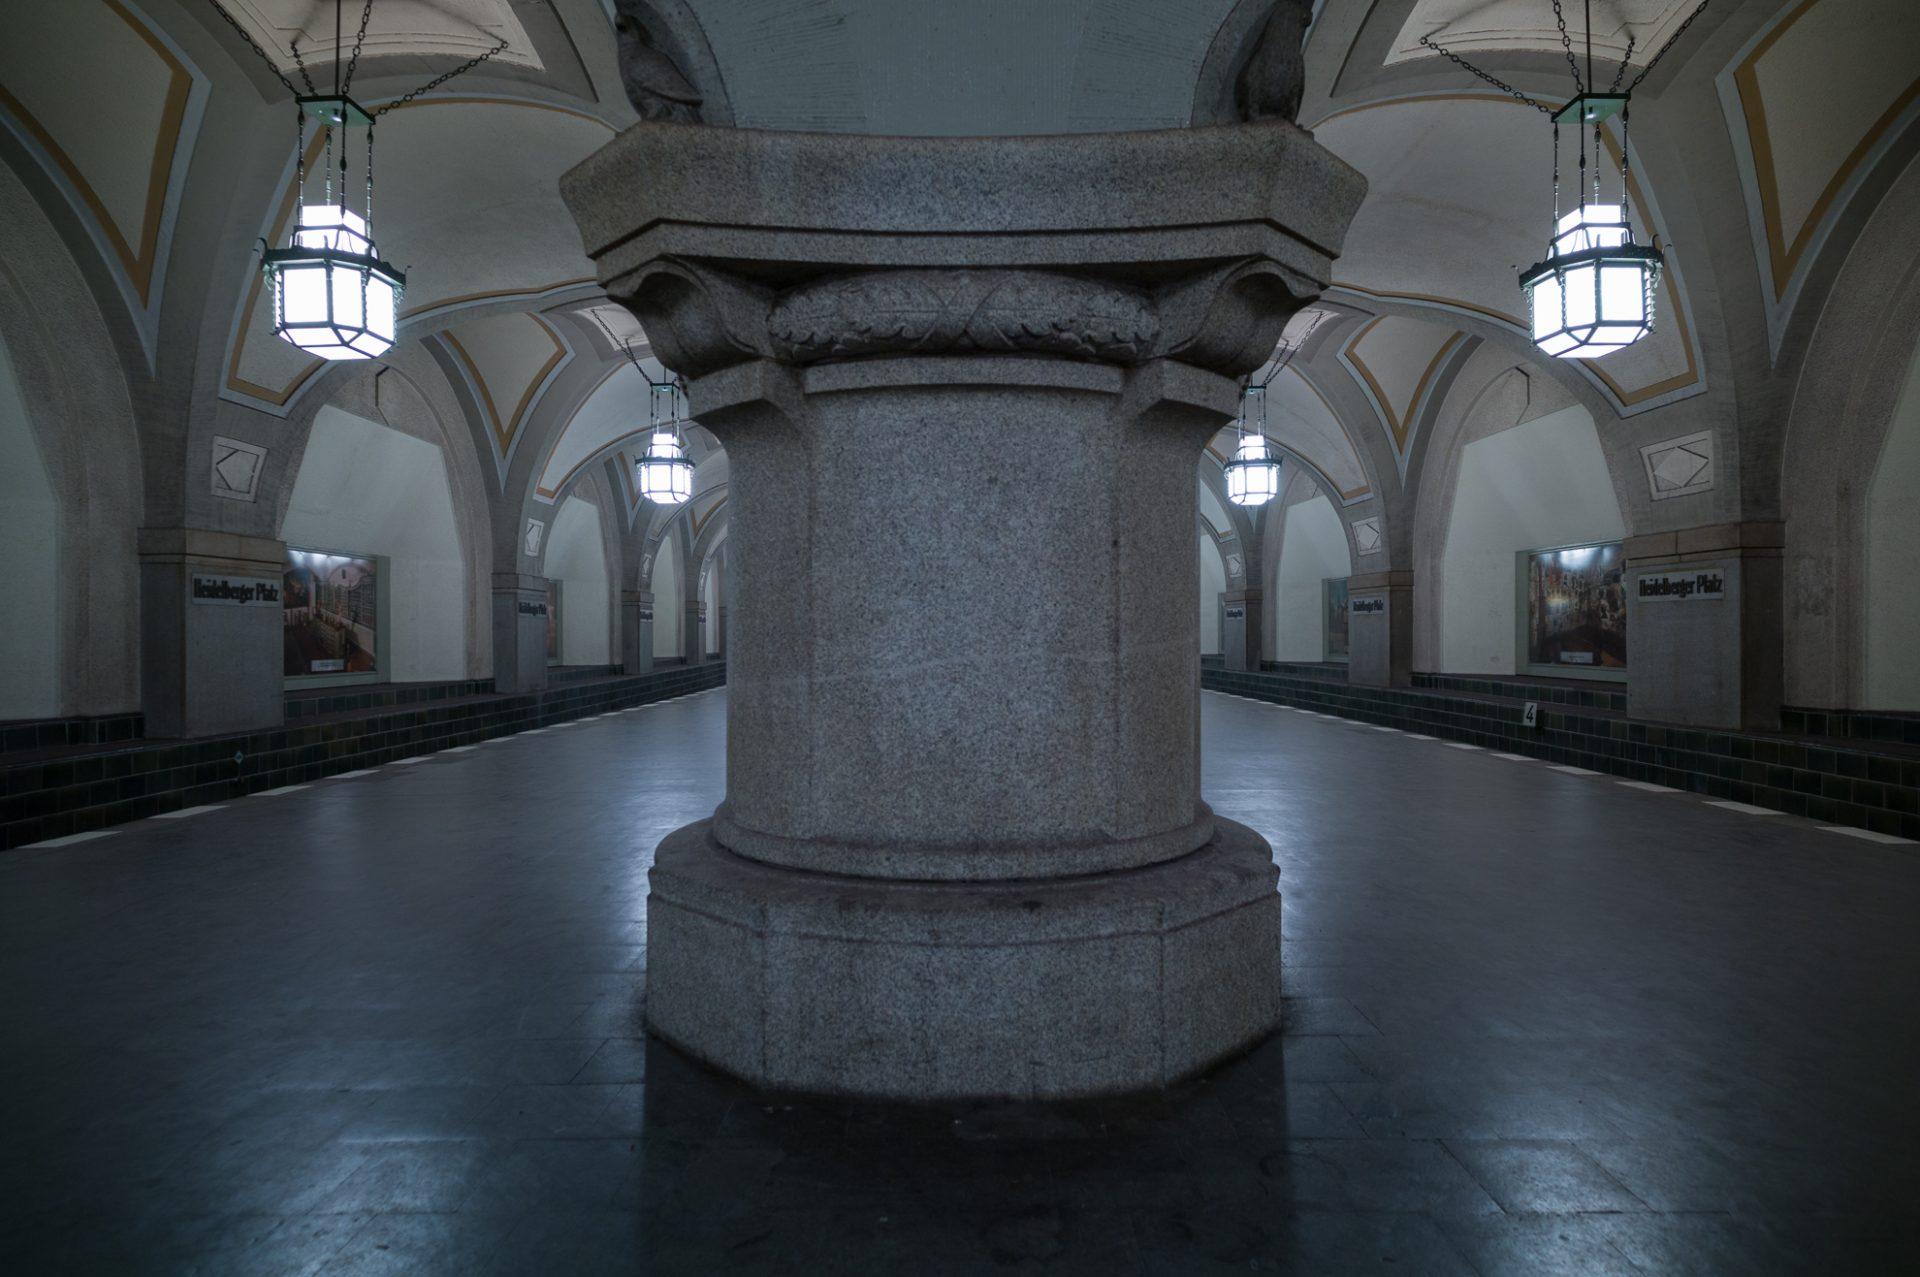 u2_heidelbergerplatz (5 von 5)